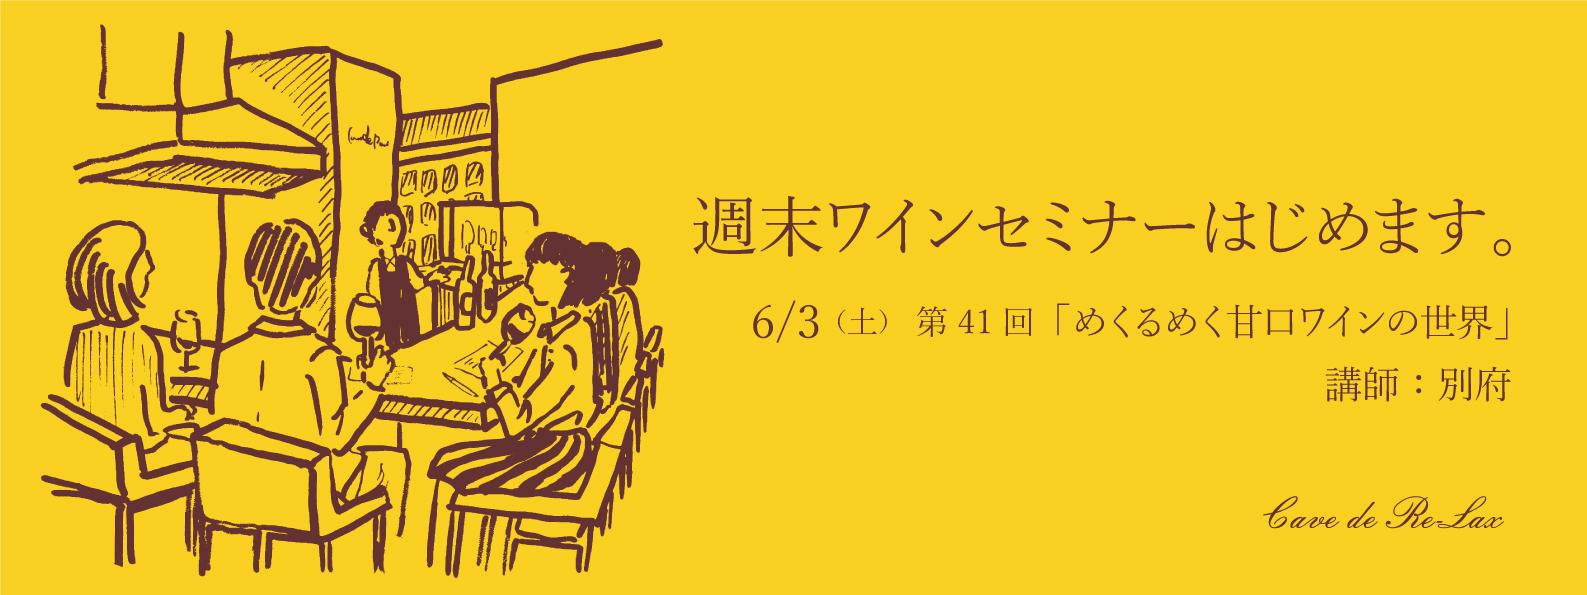 17.6.3別府セミナー-Web